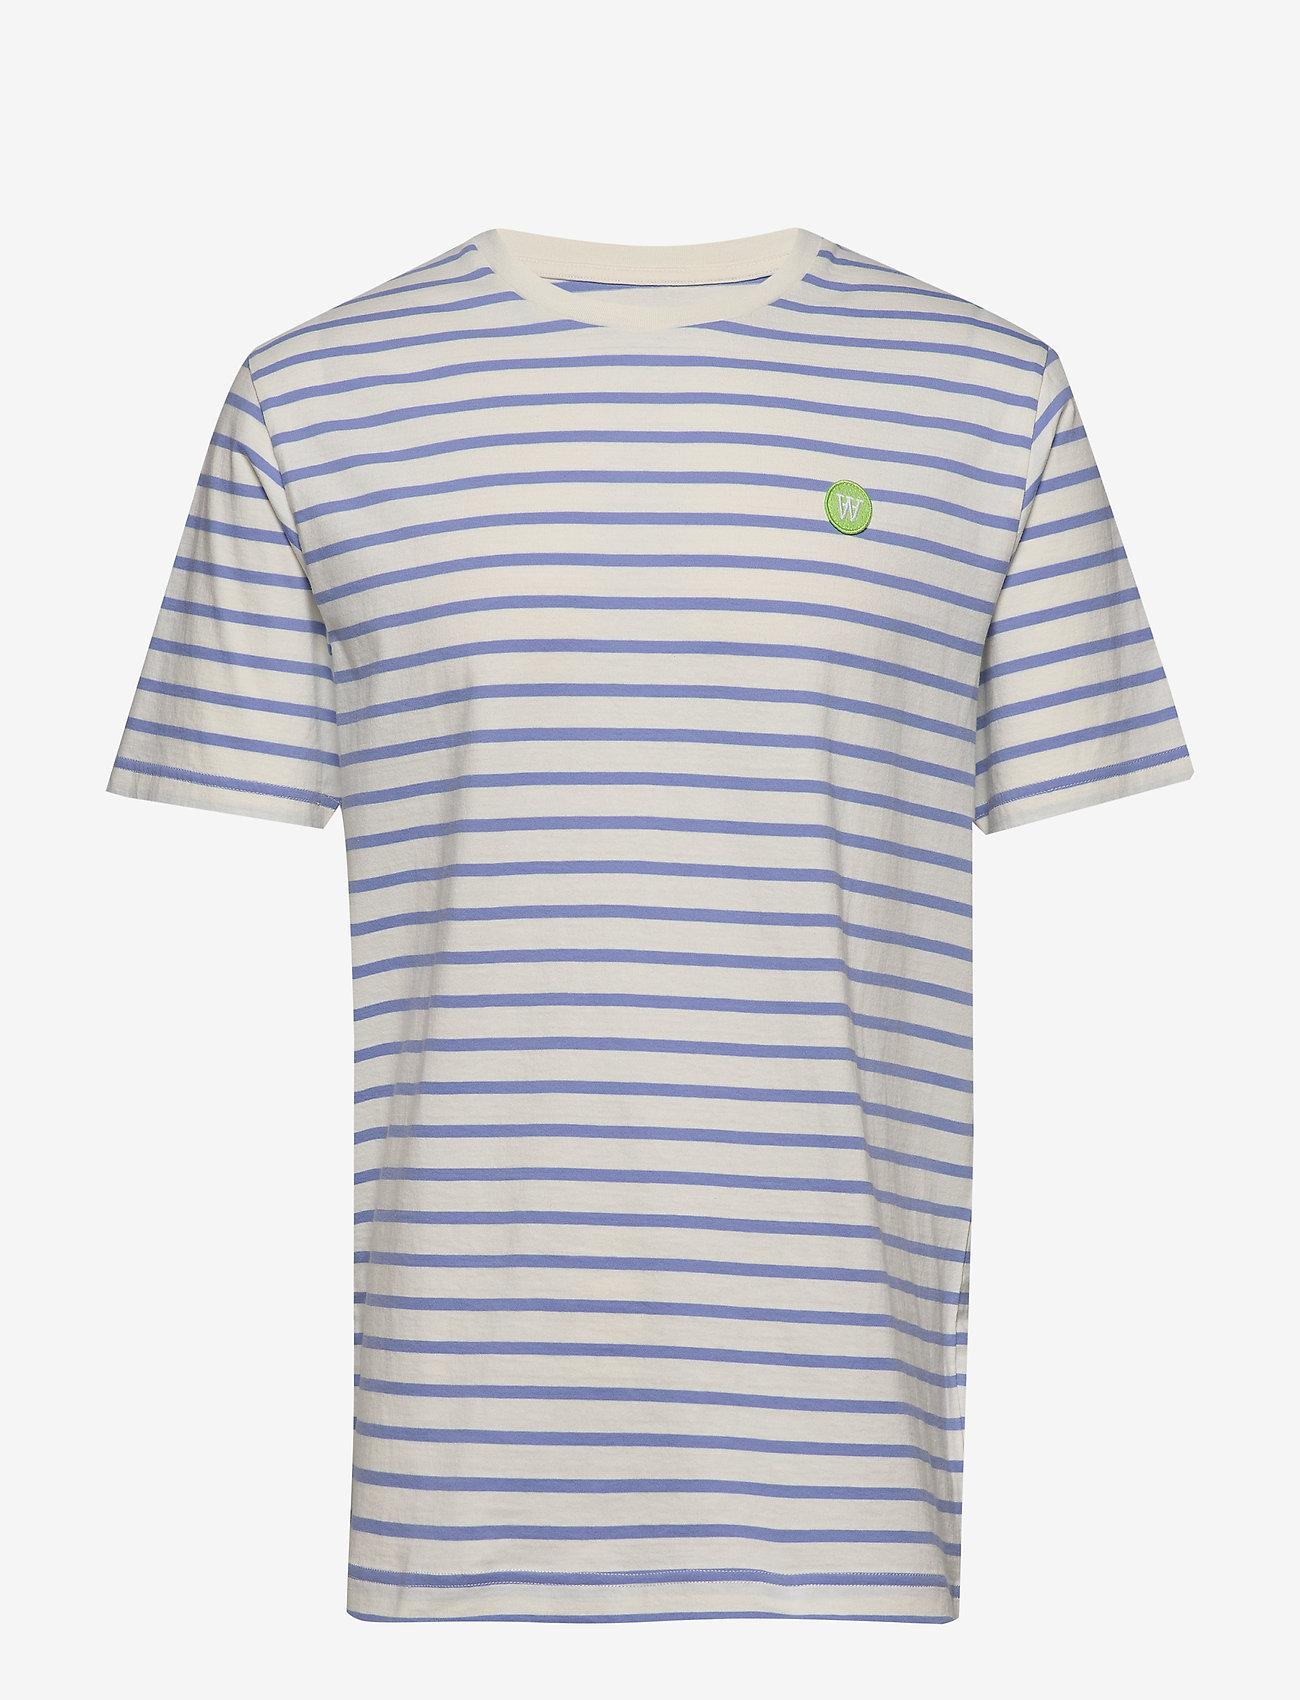 Wood Wood - Ace T-shirt - À manches courtes - off-white/blue stripes